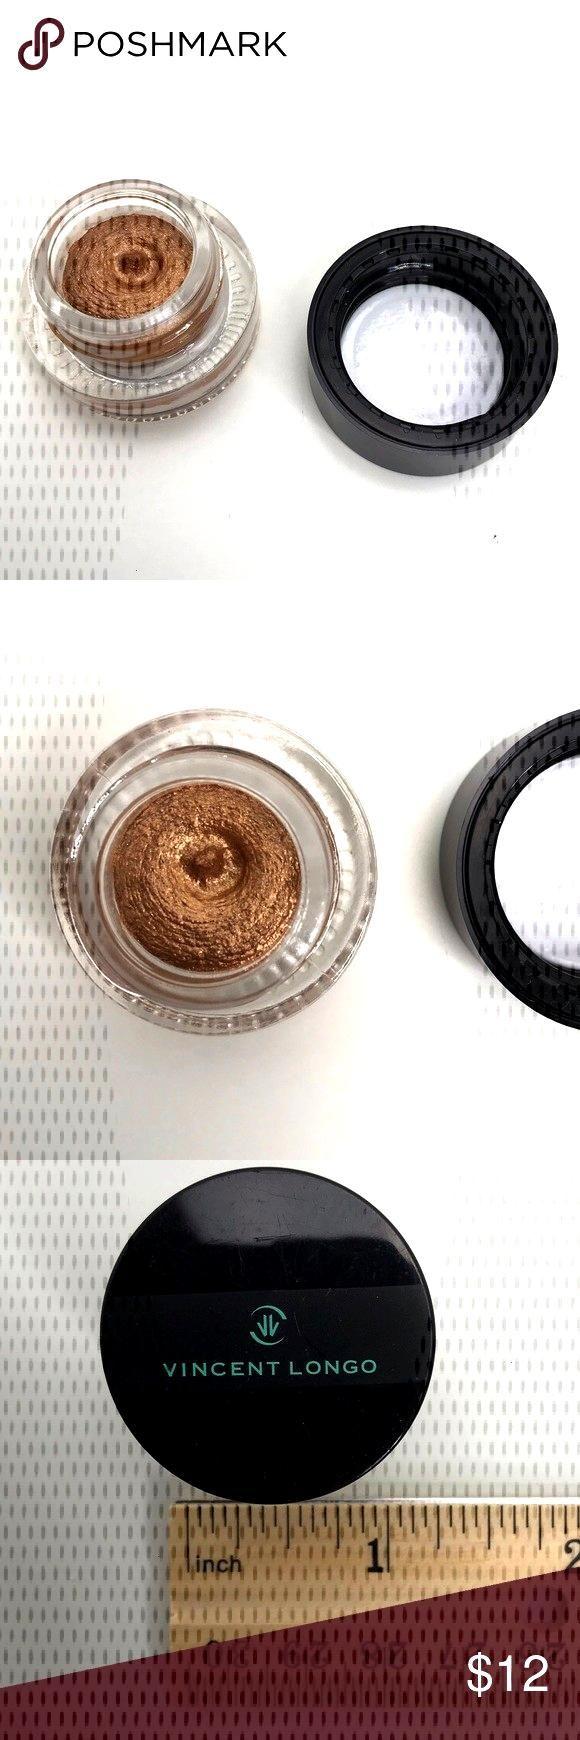 Longo Creme Gel Liner Jar in Golden Orbit Vincent Longo Creme Gel Liner Jar in Golden Orbit. Unboxe